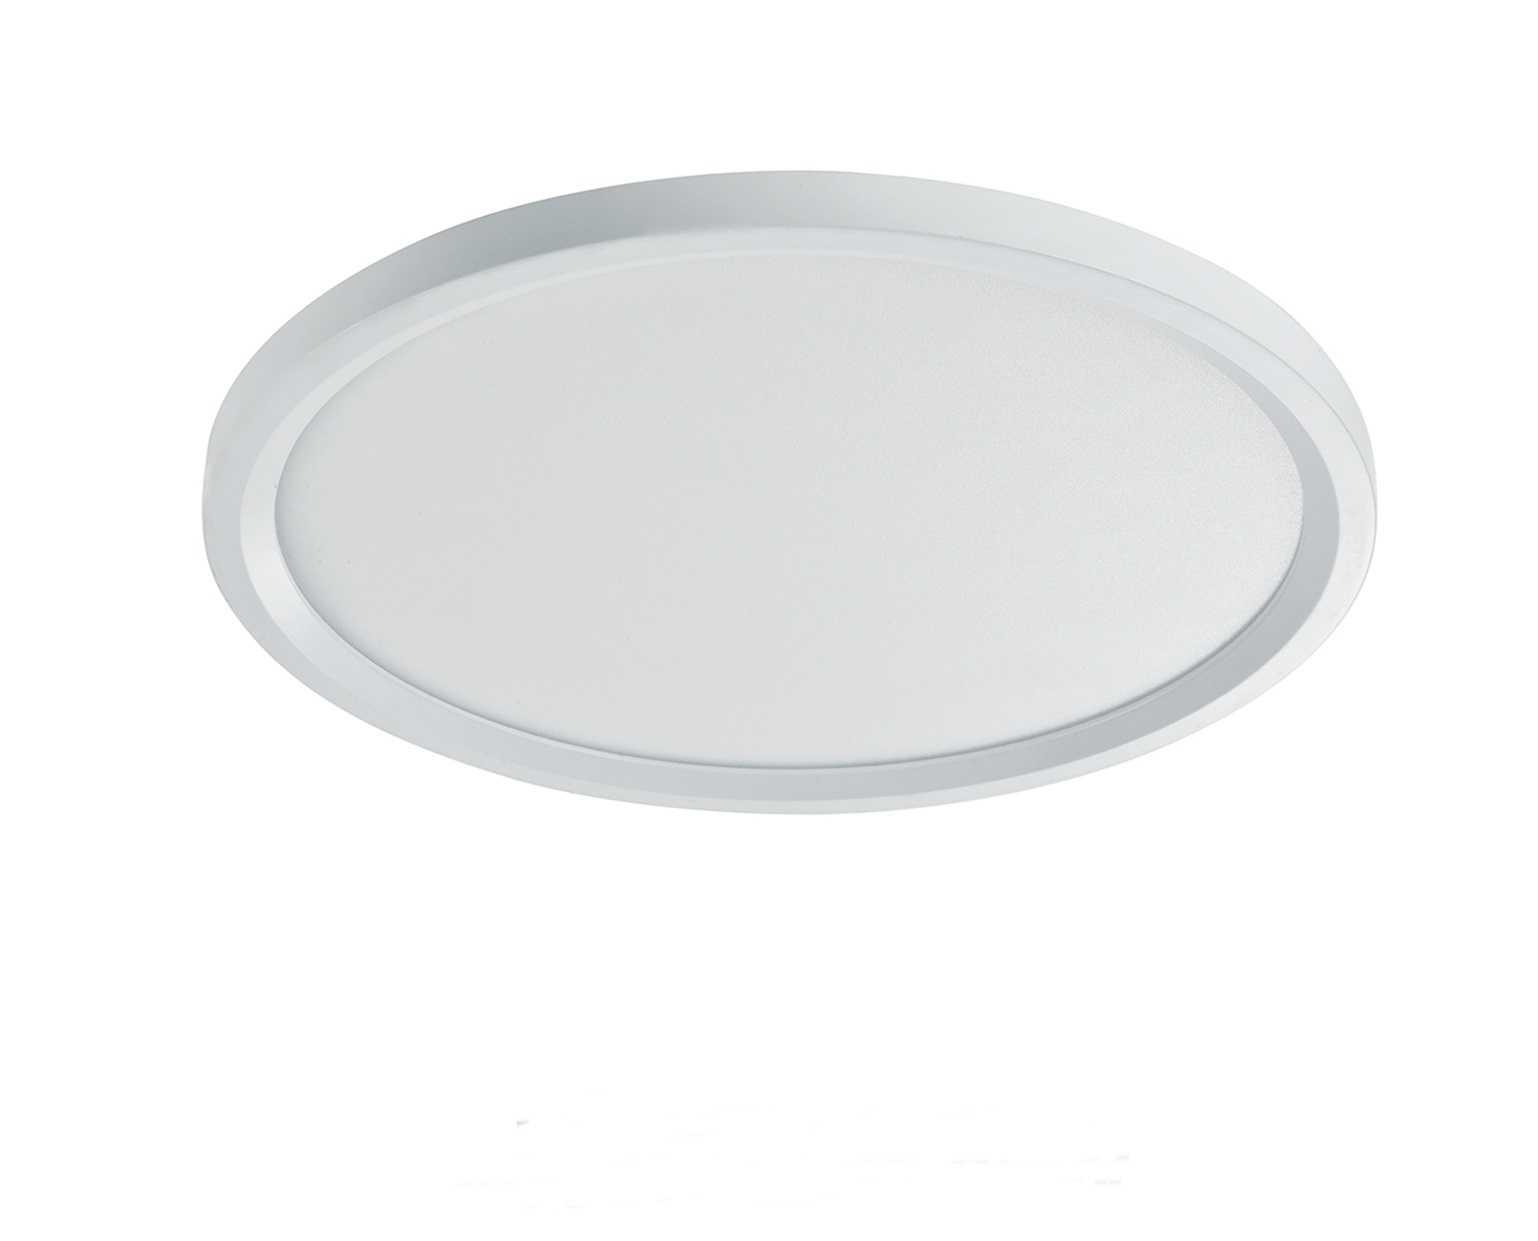 בנפט גוף תאורה צמוד תקרה דגם רחפת לבן (5 מידות) - ברק תאורה LM-69